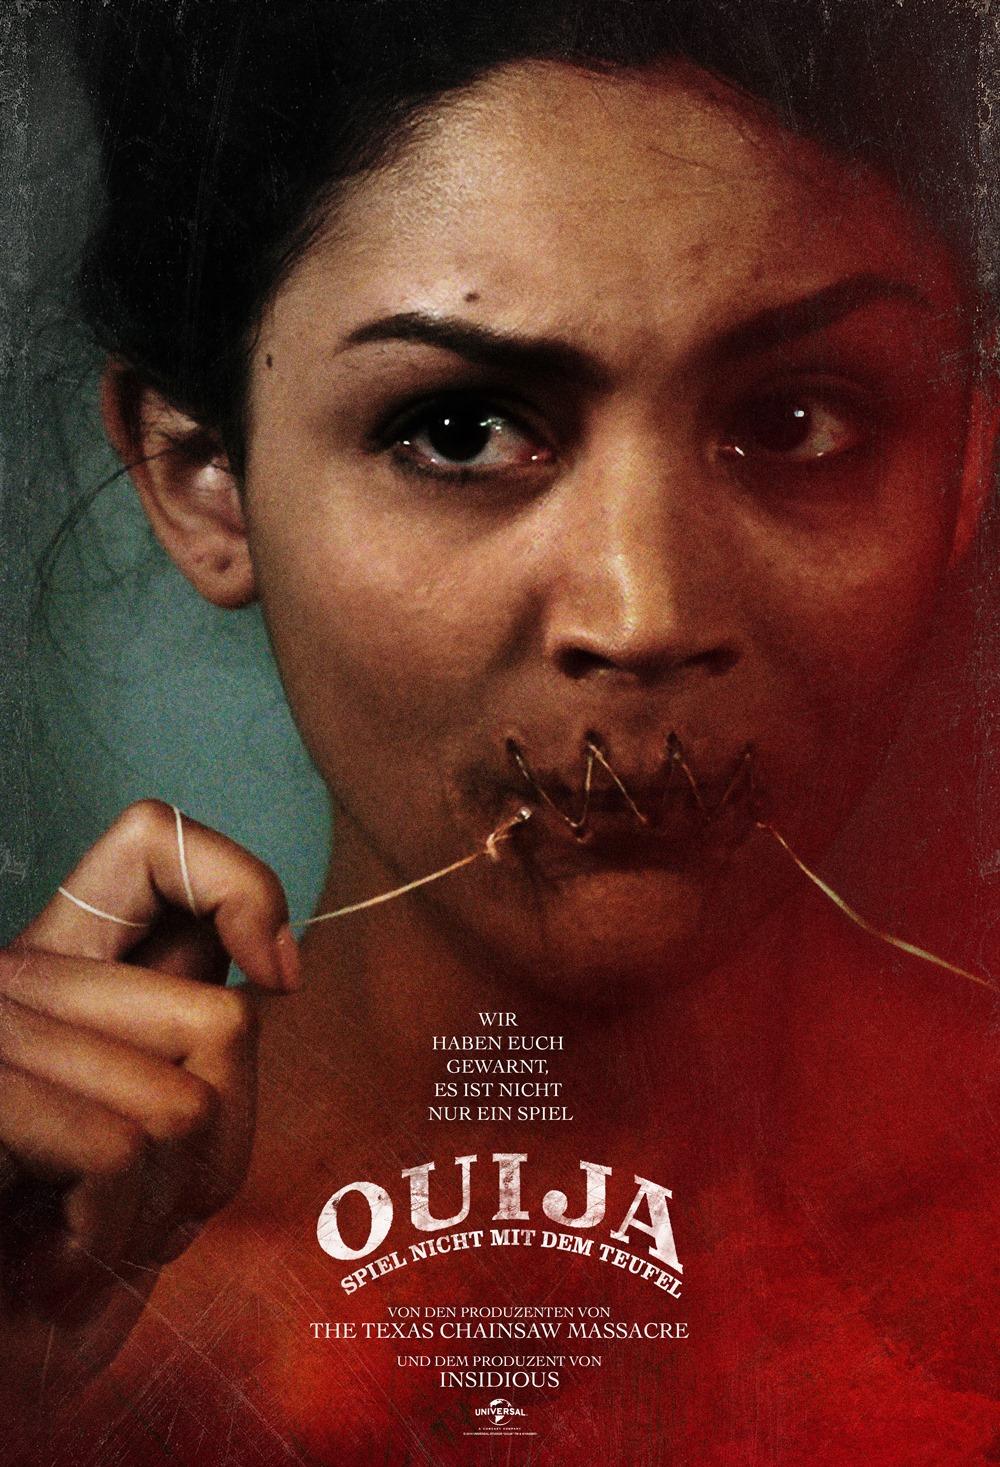 ouija - spiel nicht mit dem teufel stream movie4k